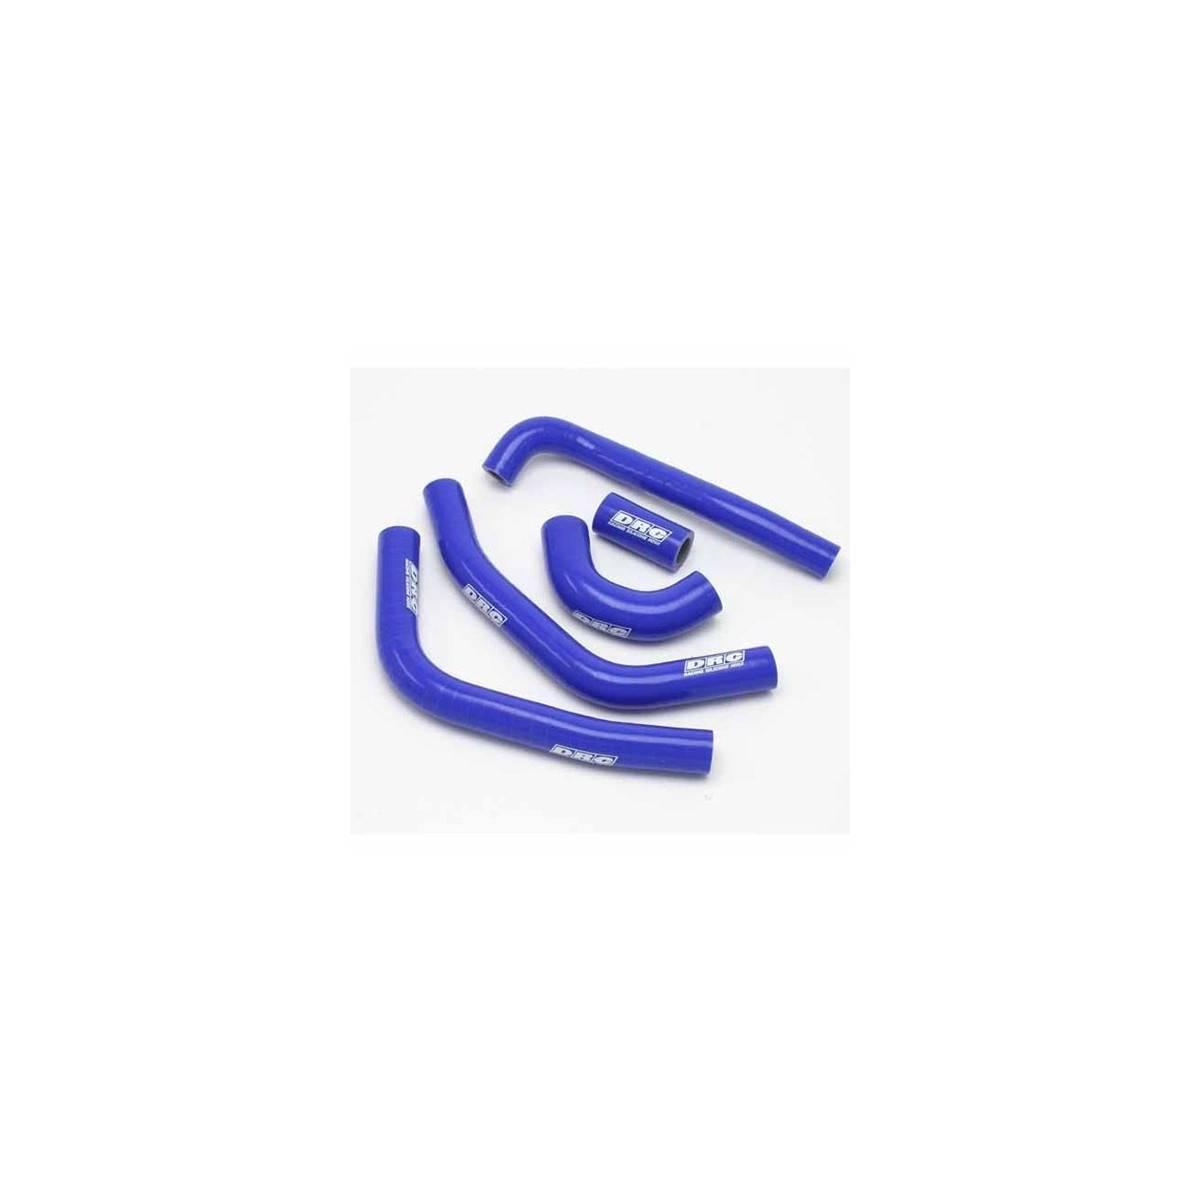 D47.01.282 - Kit Manguitos Radiador Kawa Kx450F ´09 Azul